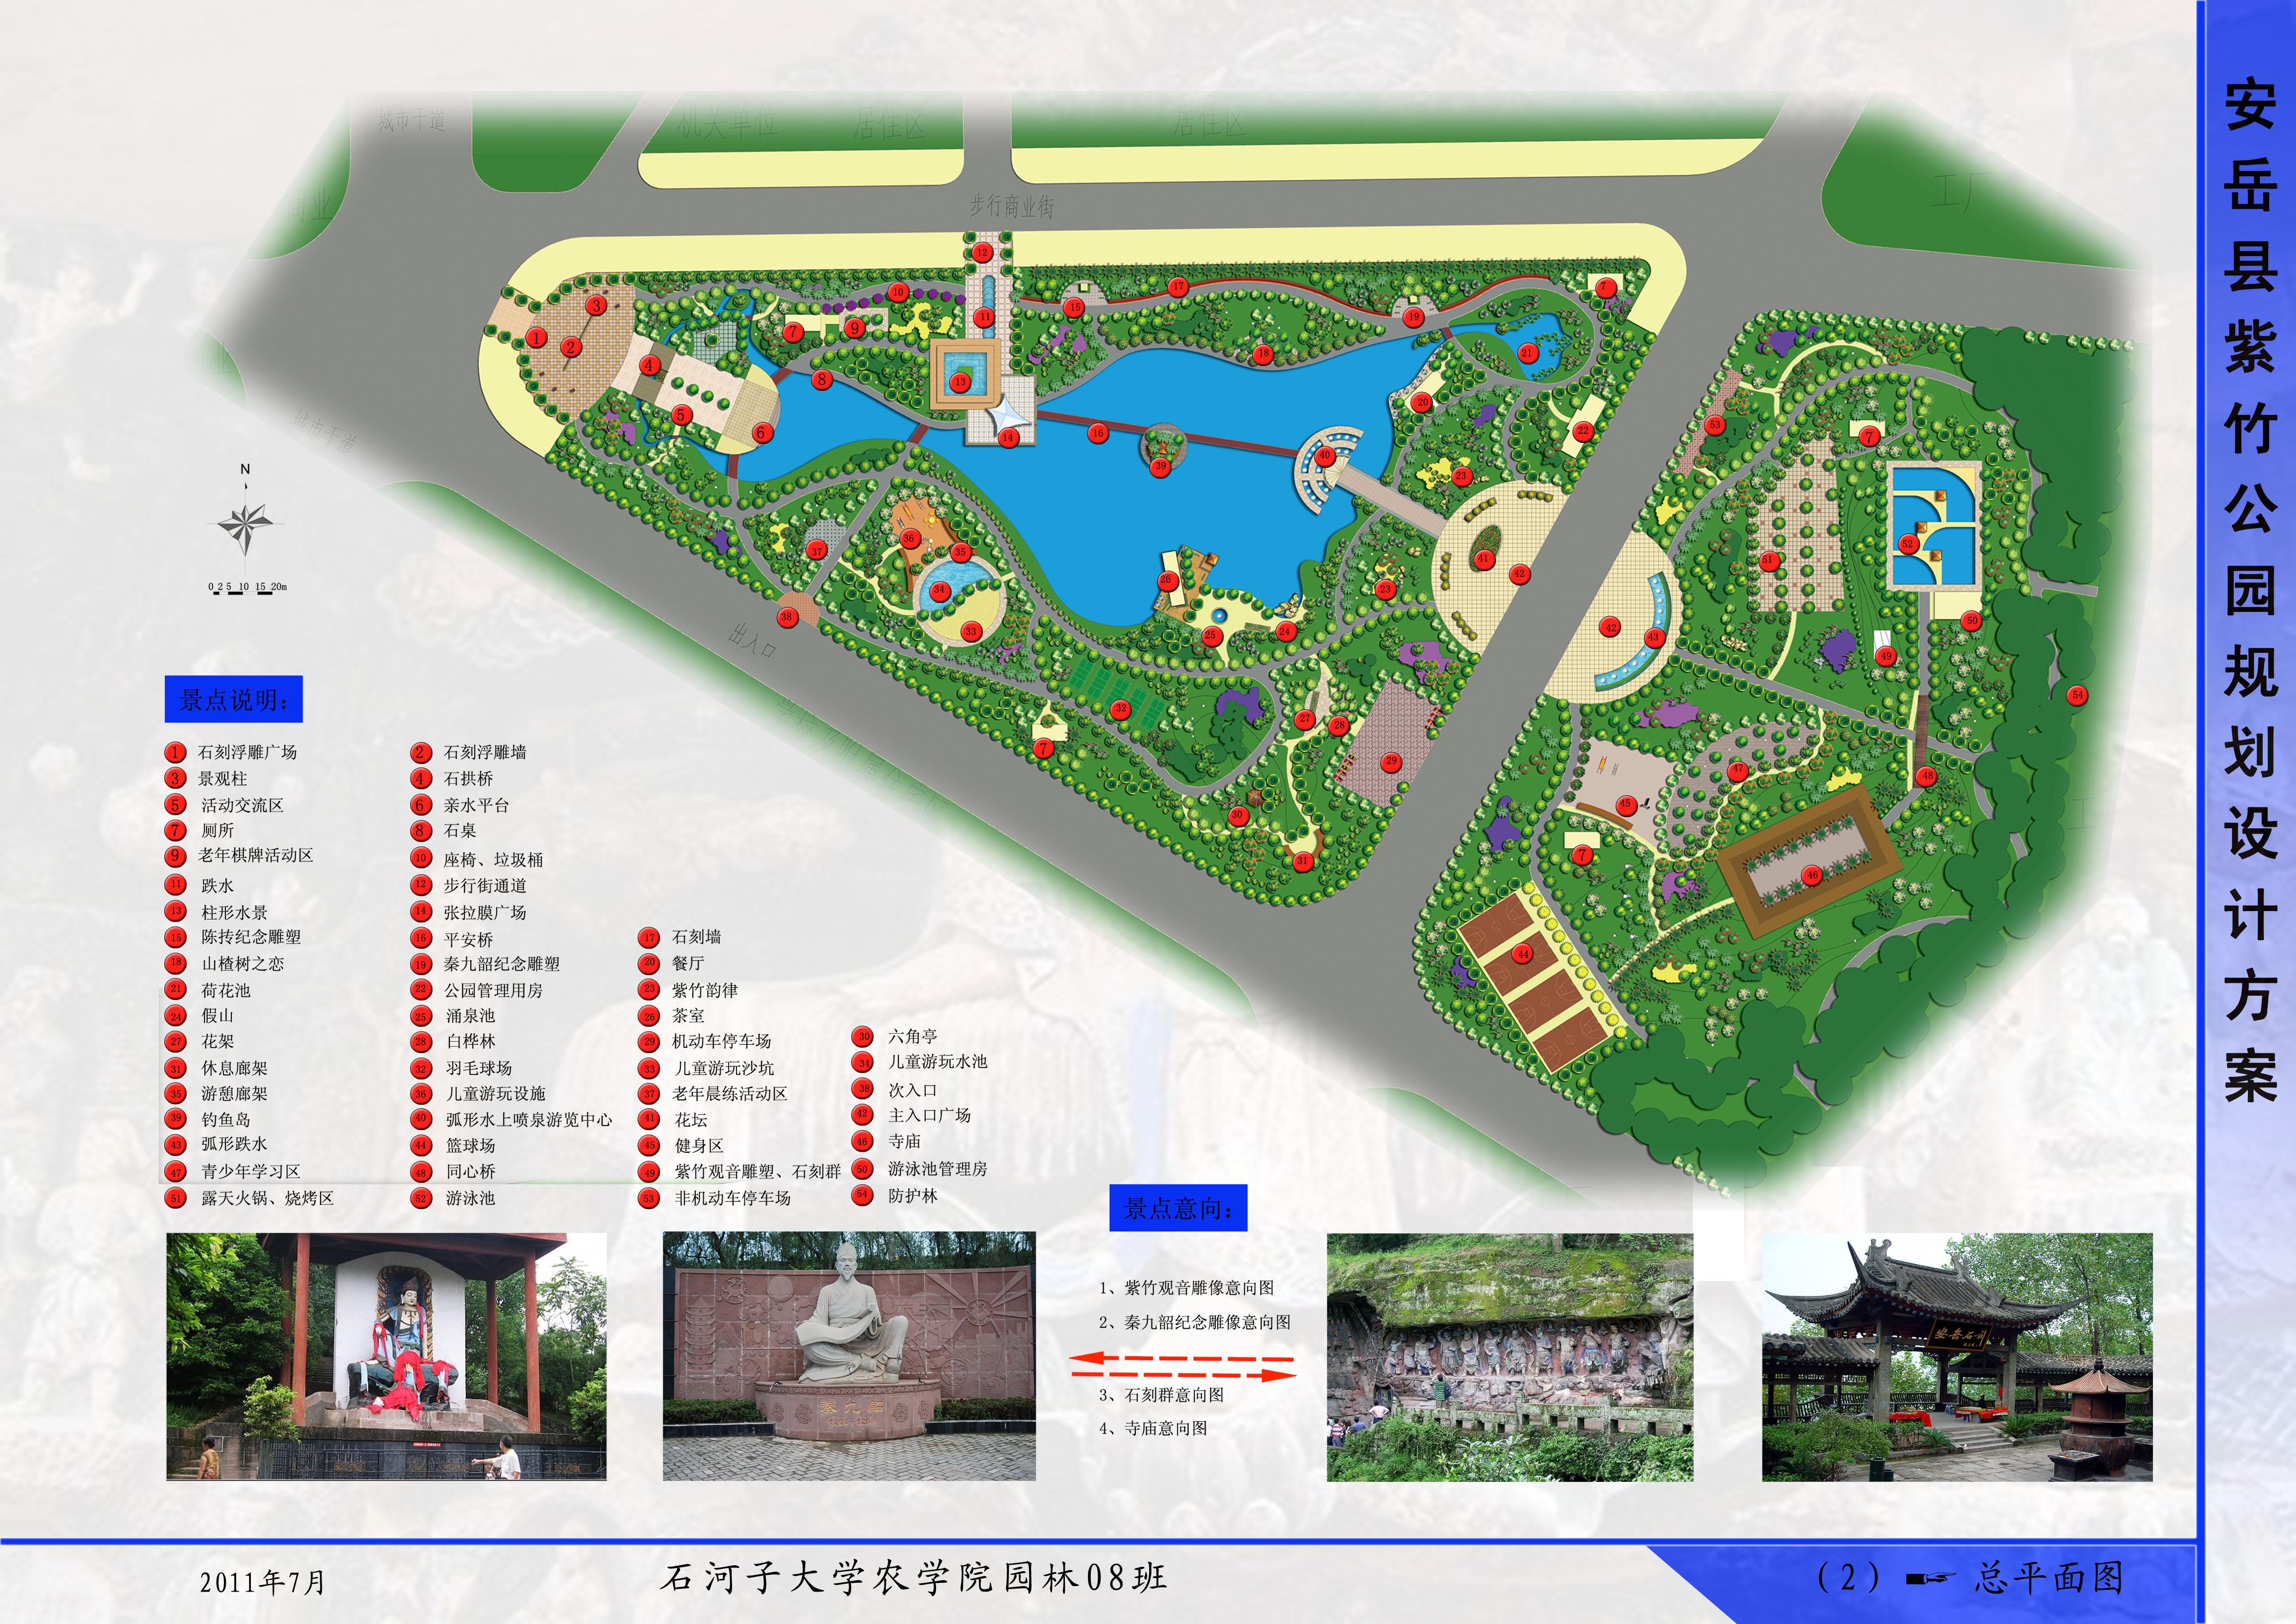 园林设计图 景观规划设计 公园及游园景观规划设计图 综合公园平面